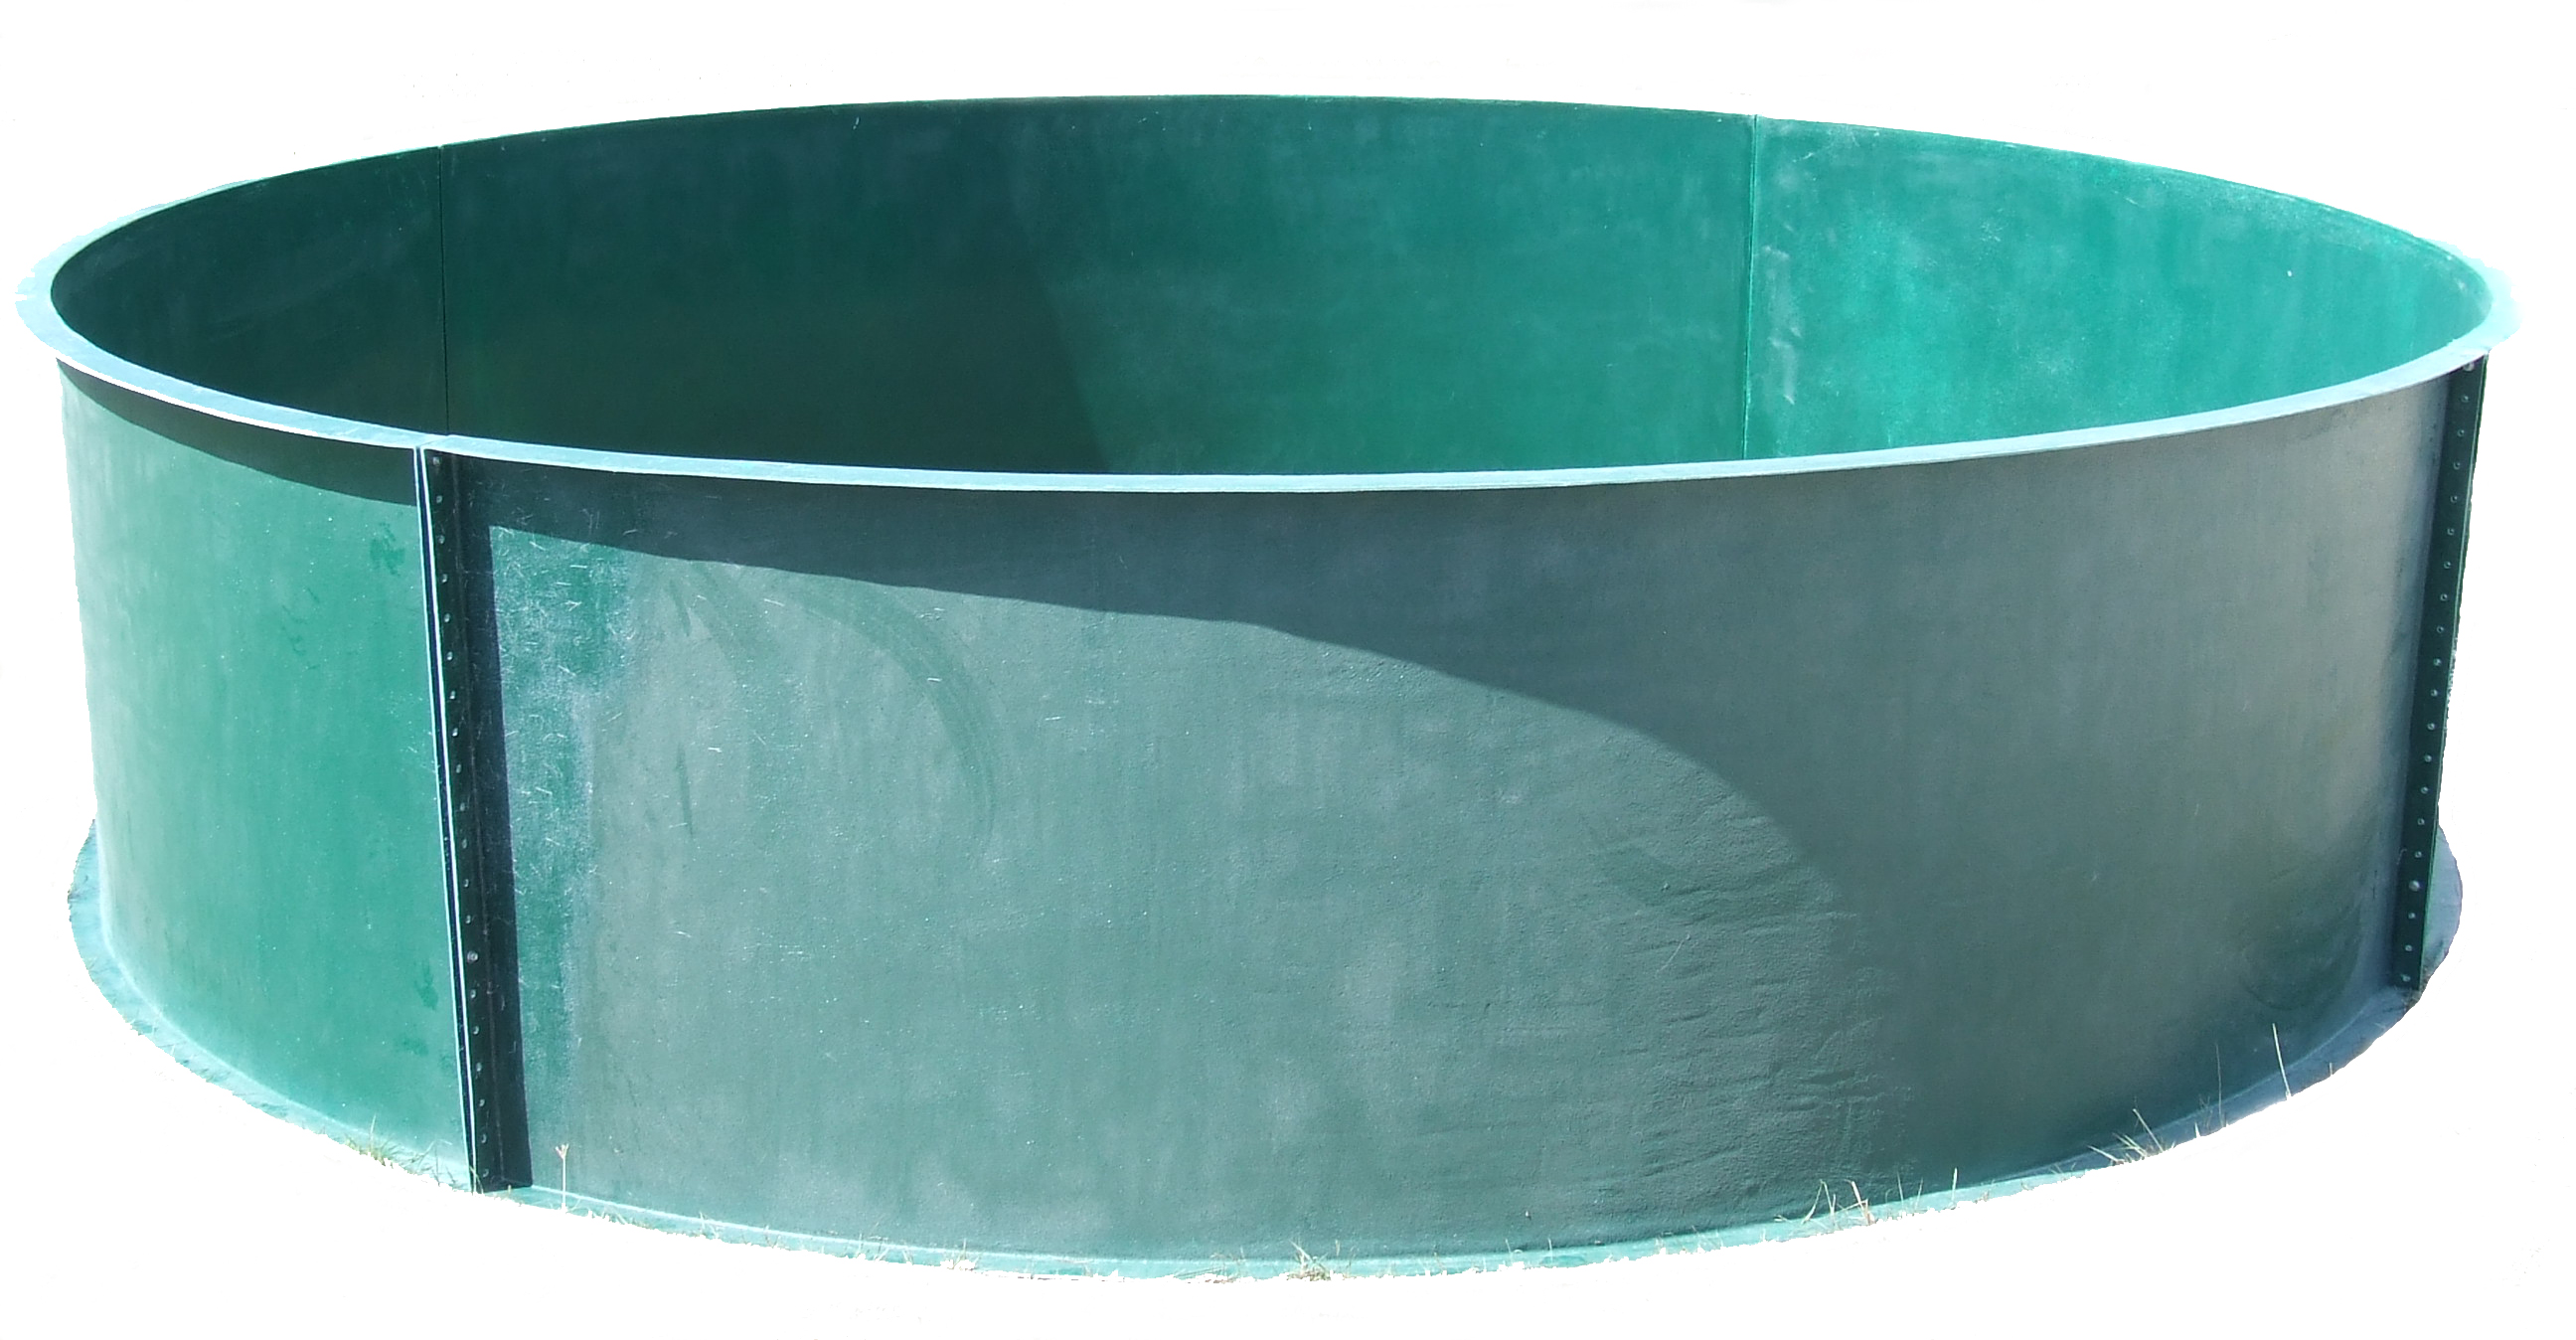 Aquaculture cassagnol composites for Aquaculture fish tanks